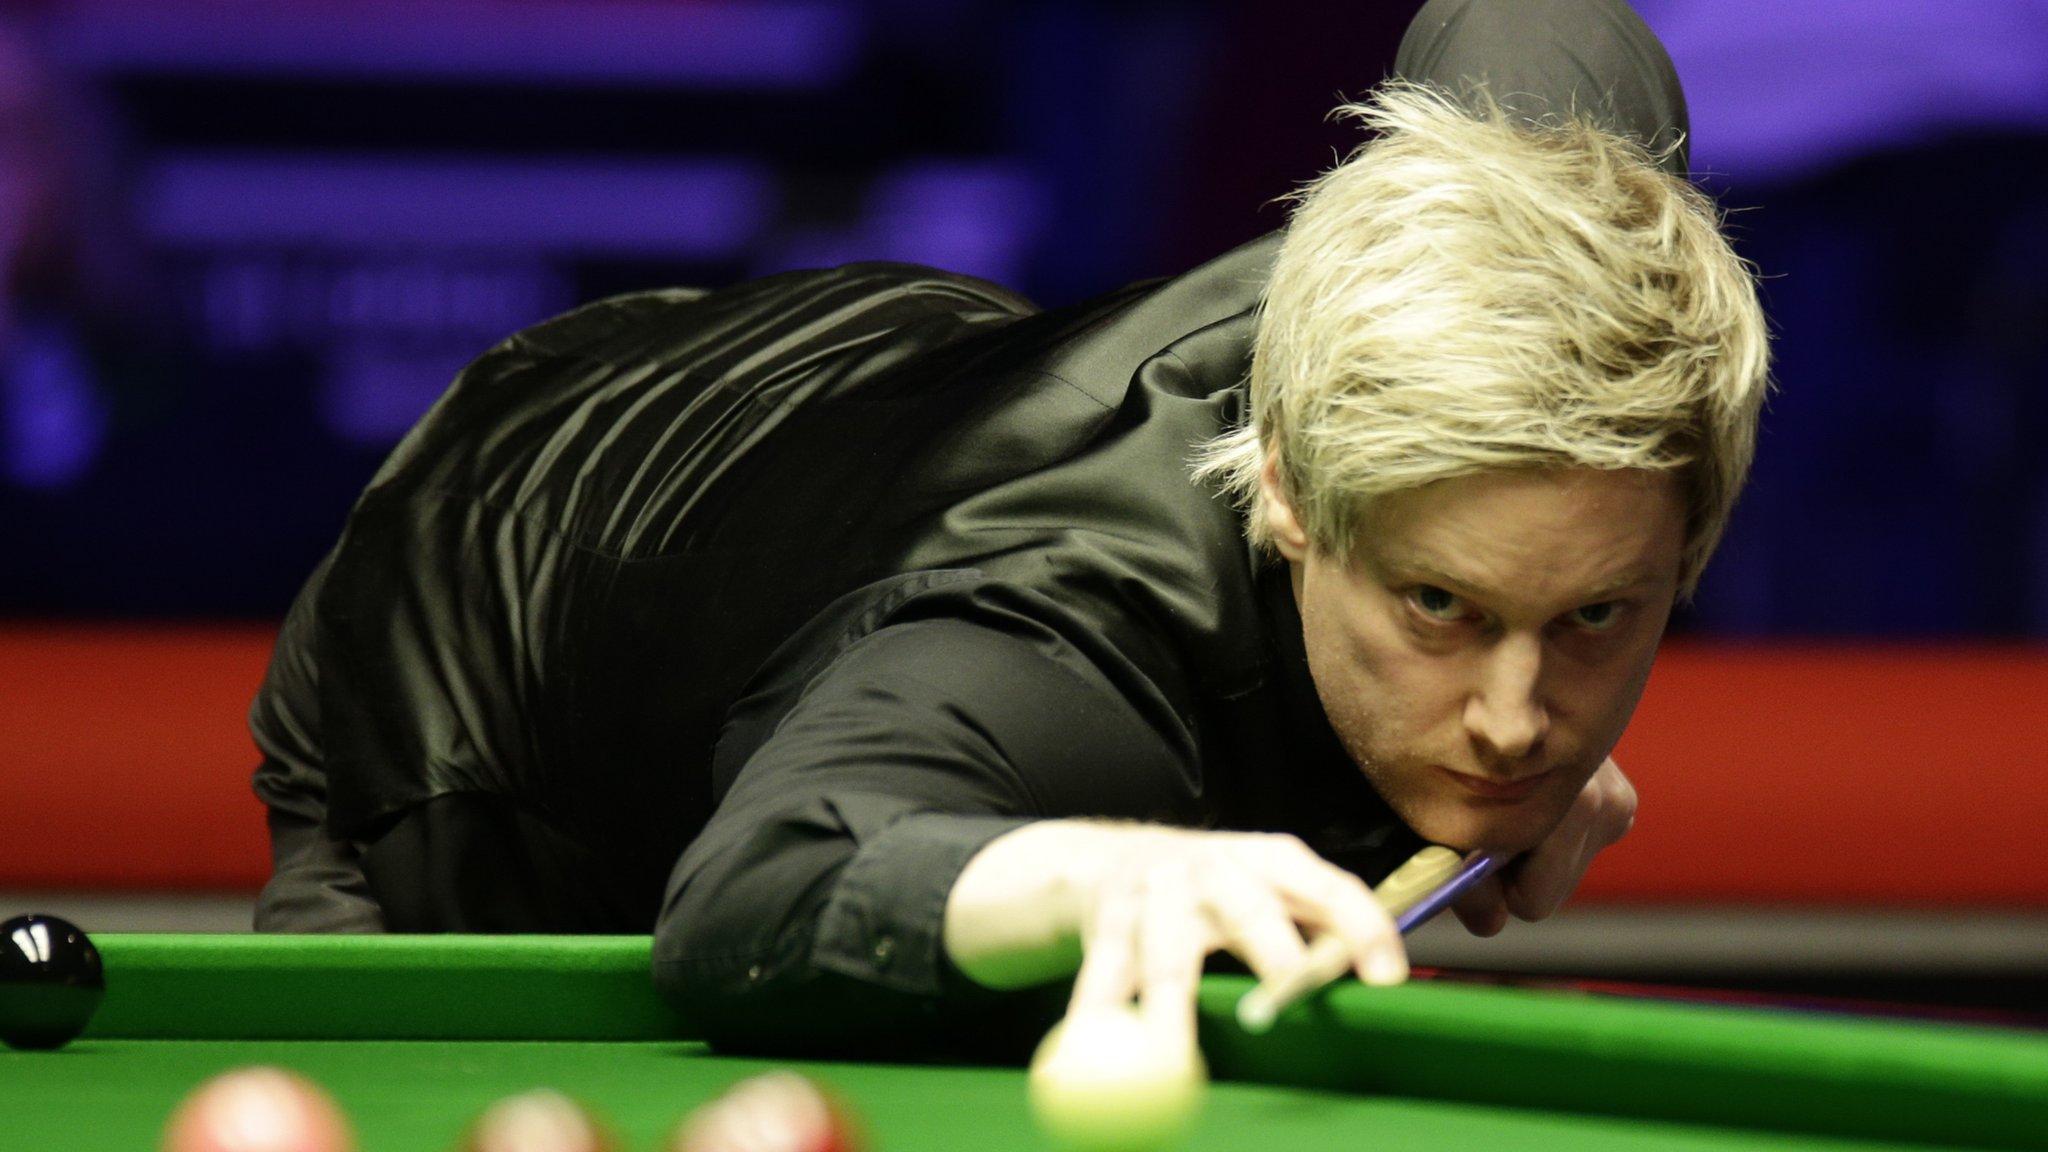 Welsh Open: Neil Robertson beats Stuart Bingham in final